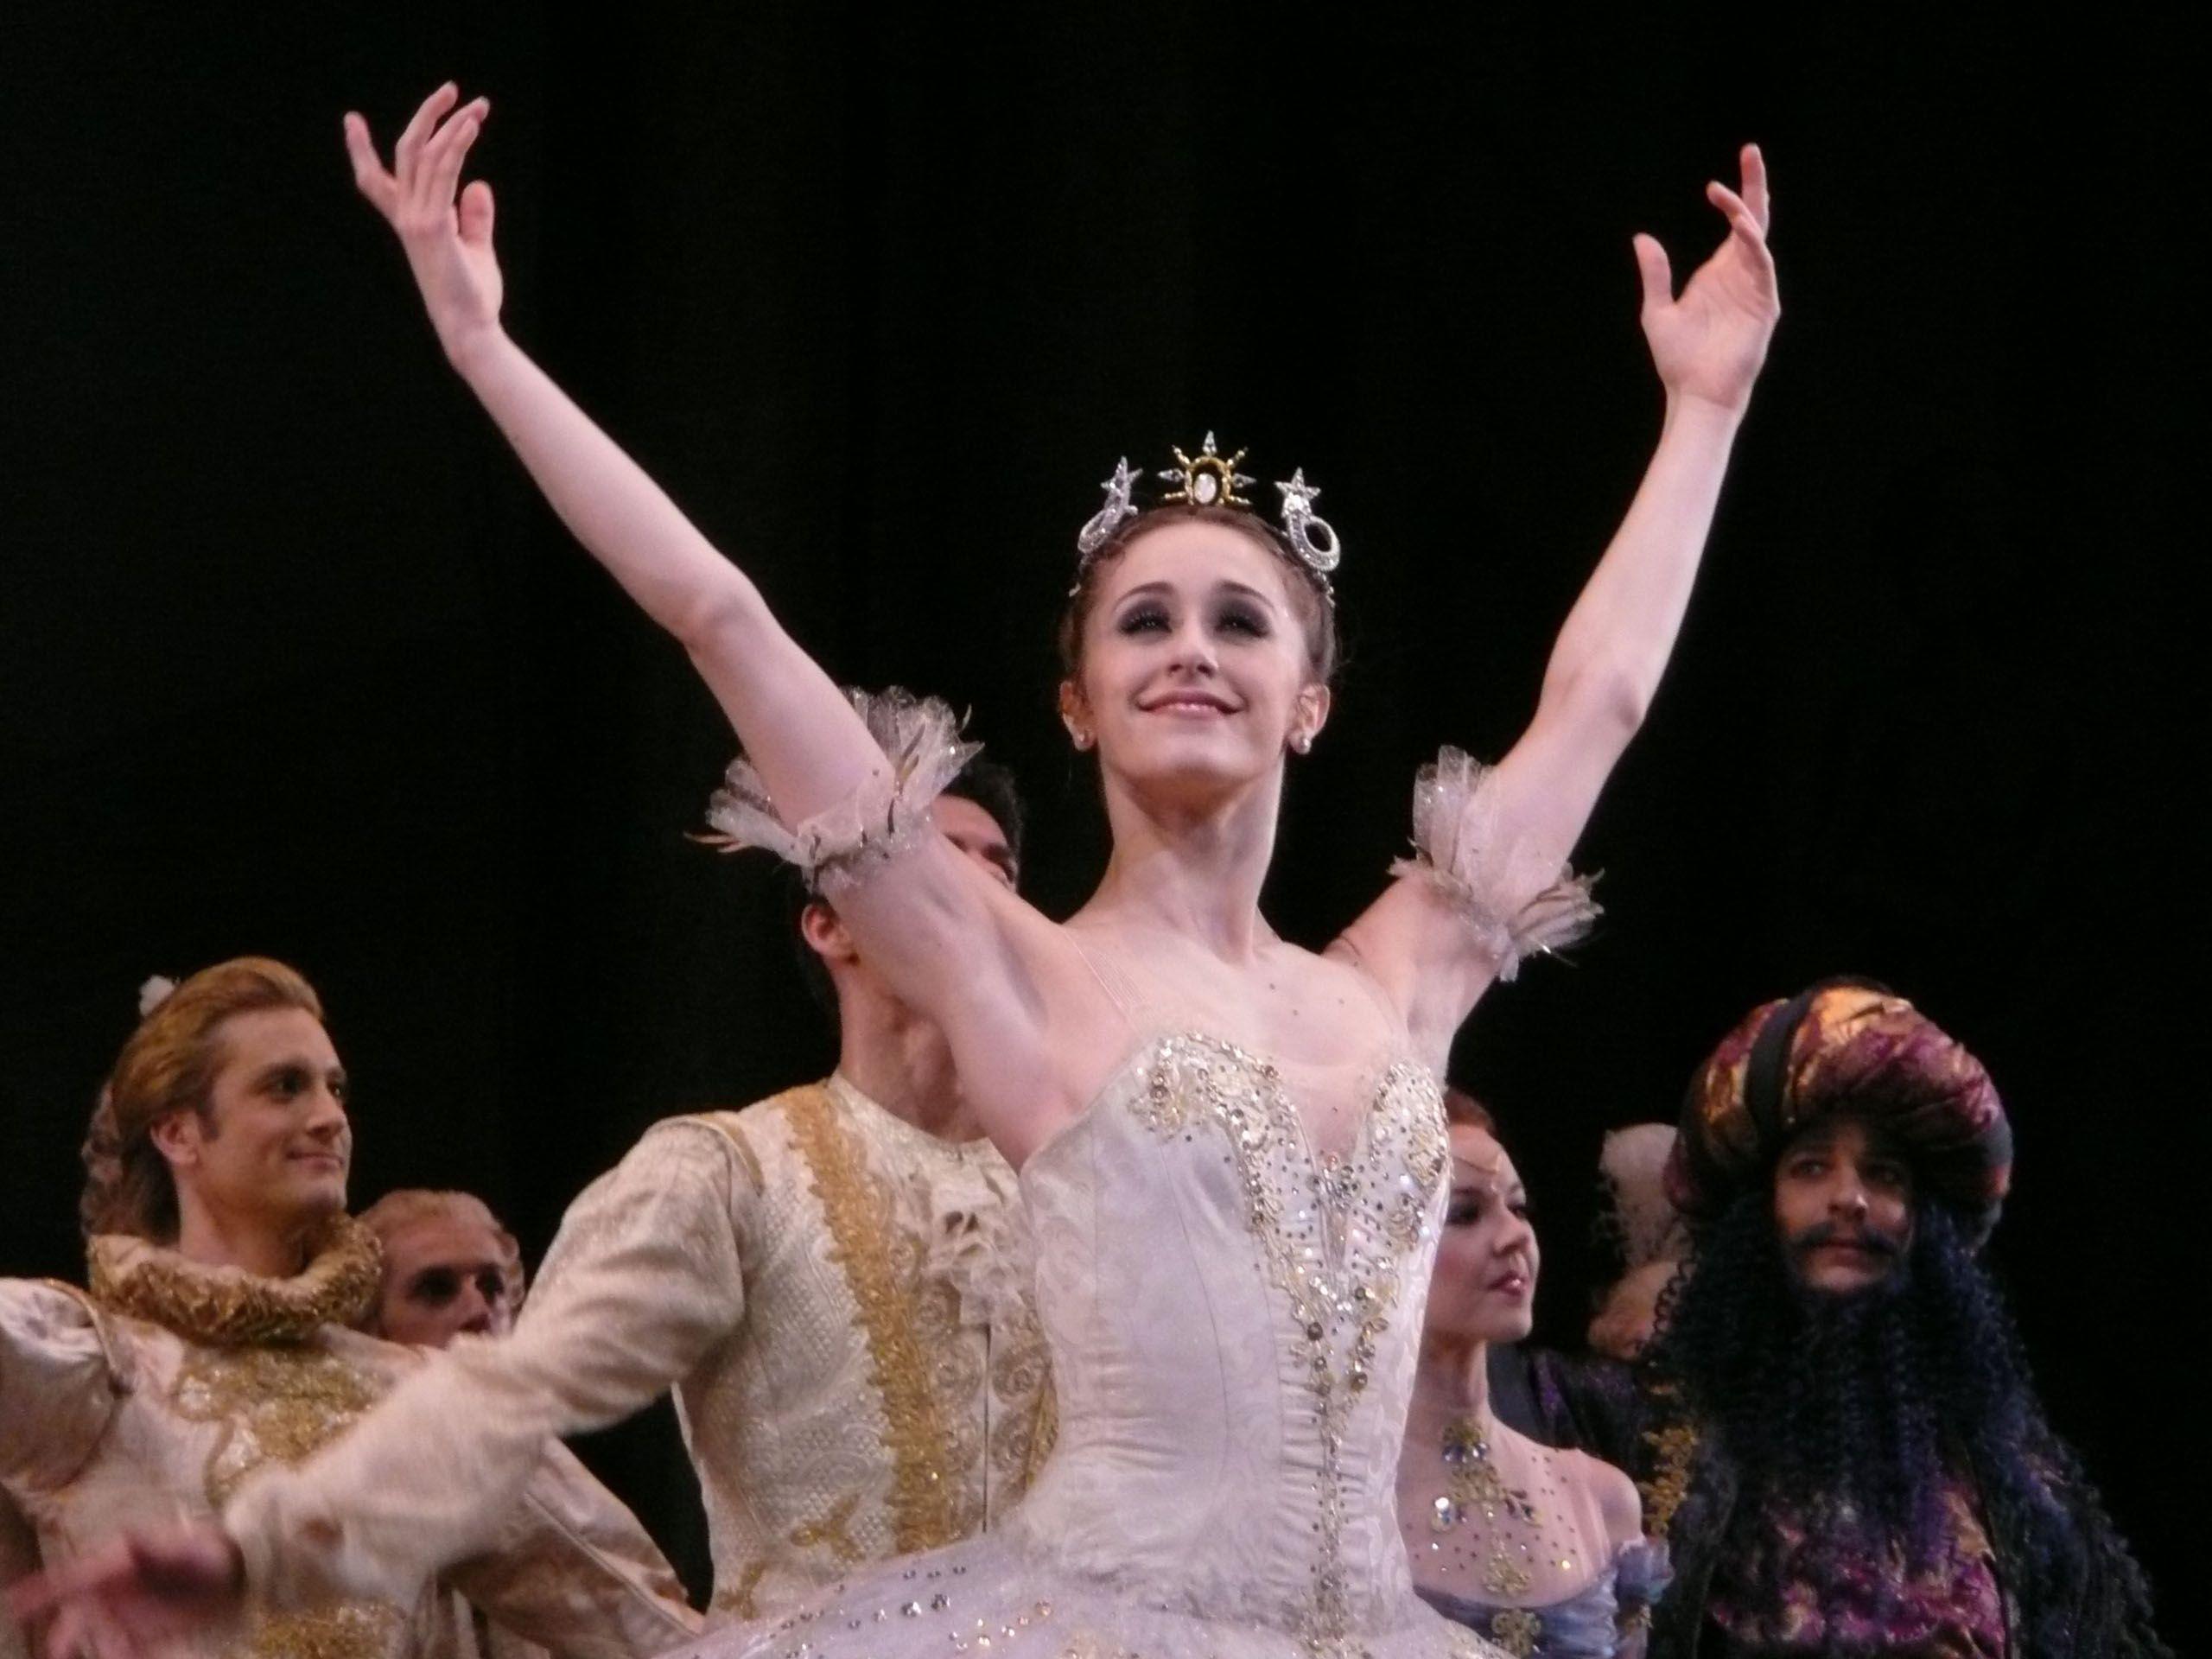 Historia de princesa. Núñez entró al Royal Ballet cuando tenía sólo 15 años. Desde entonces vive en Inglaterra.